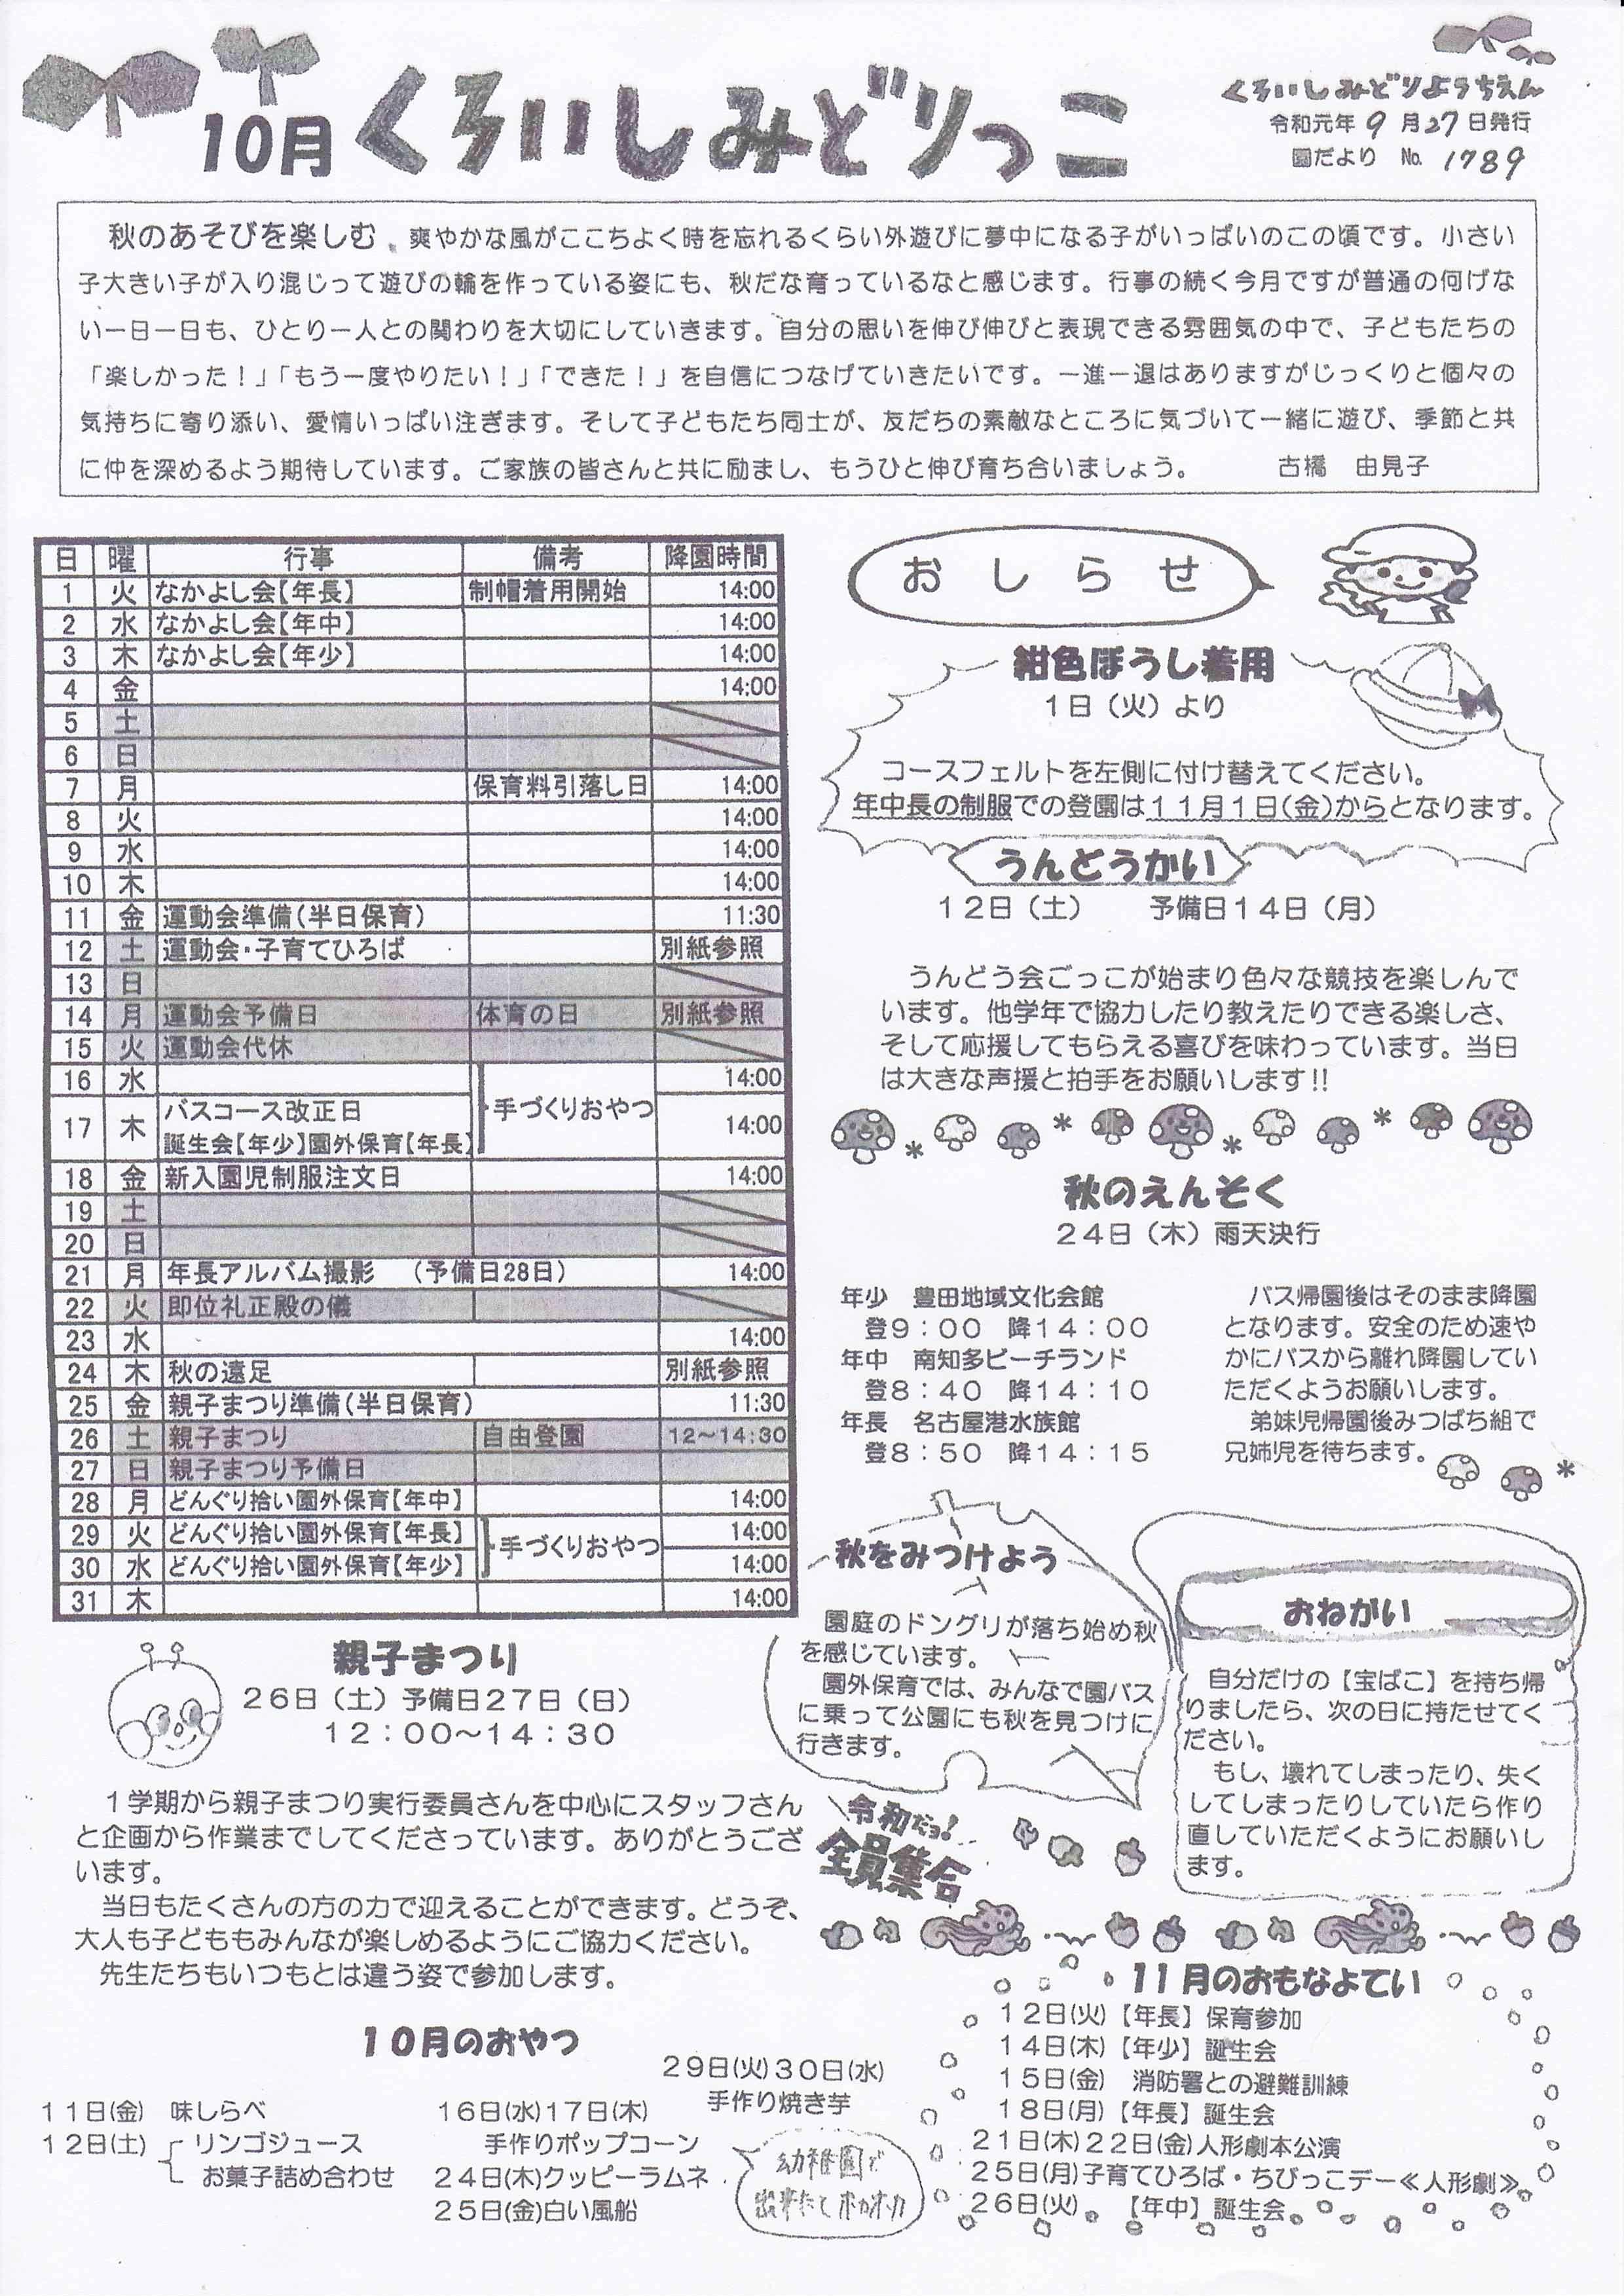 3EB4F424-D39B-41F4-9AAF-C4759F3E8FF0.jpeg